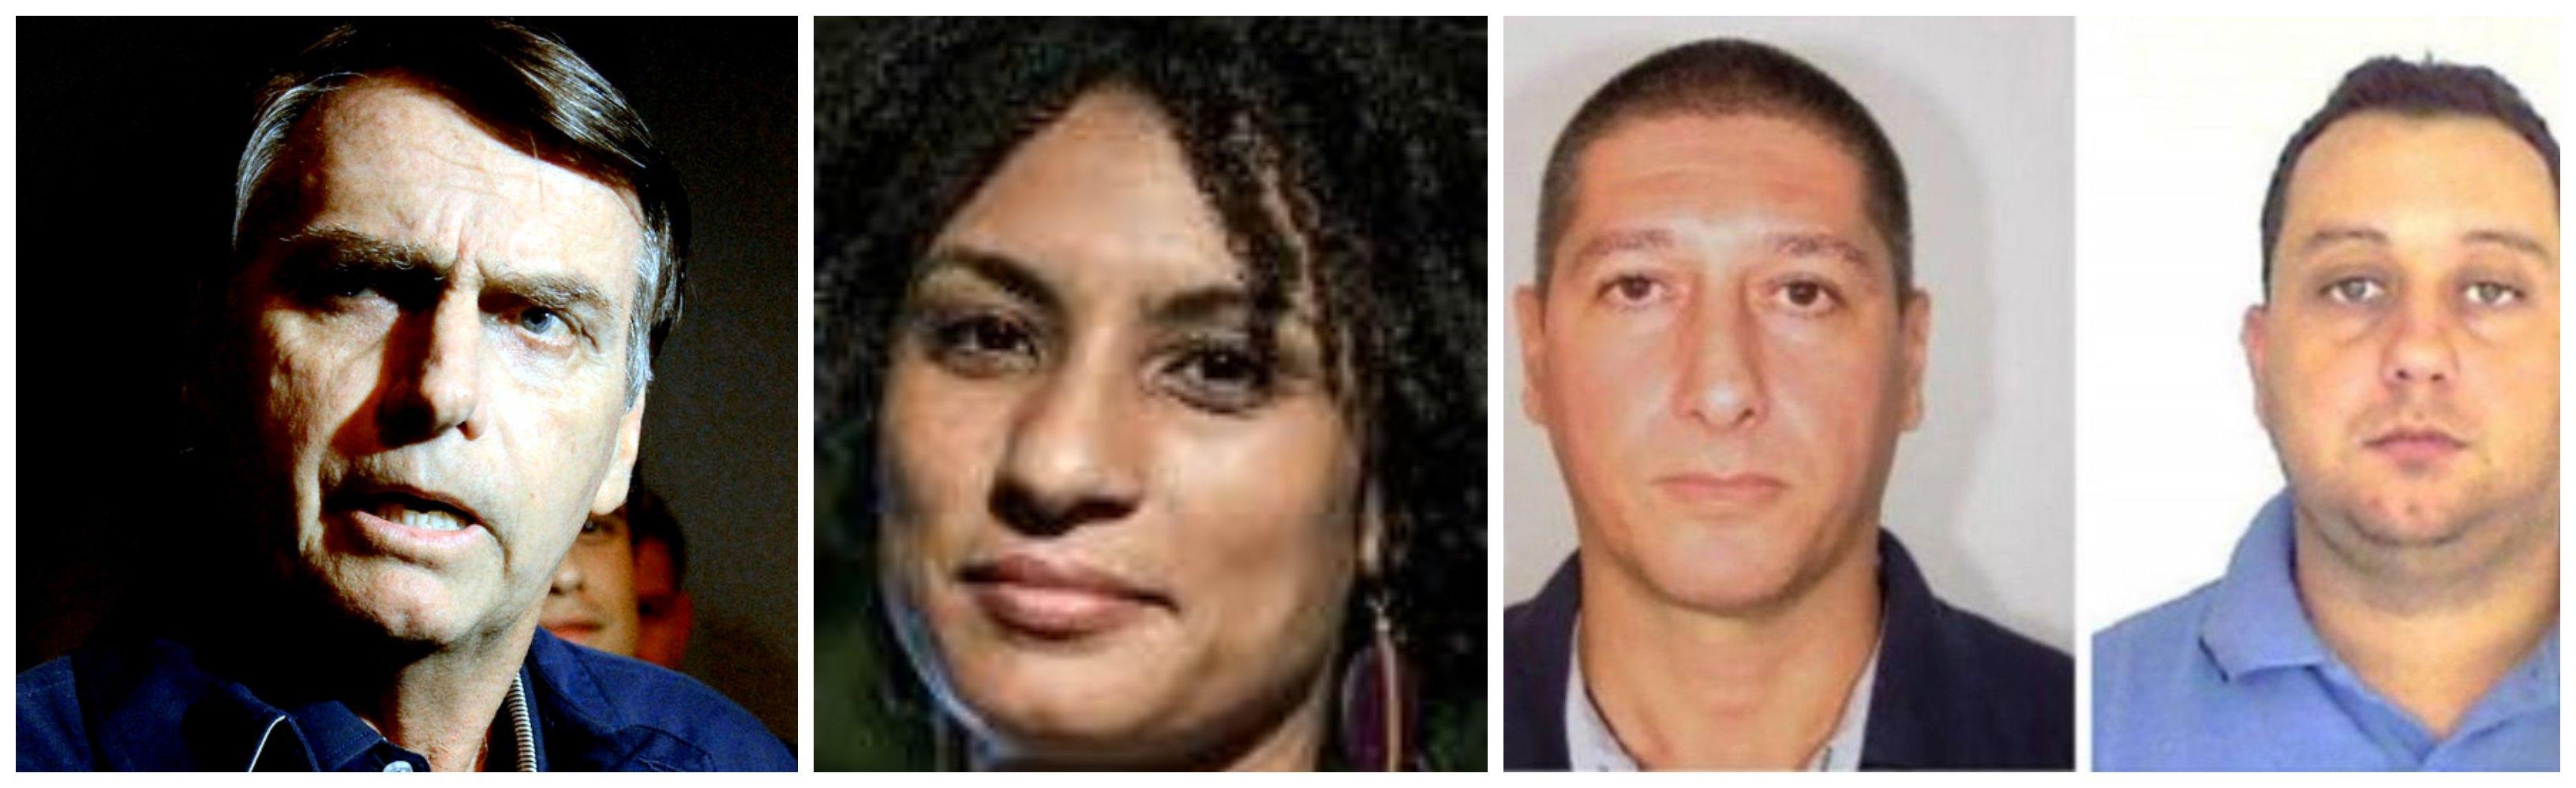 Afrânio Jardim:  Secretária eletrônica é prova importante do homicídio de Marielle e Anderson; conduta do presidente é gravíssima, suspeita